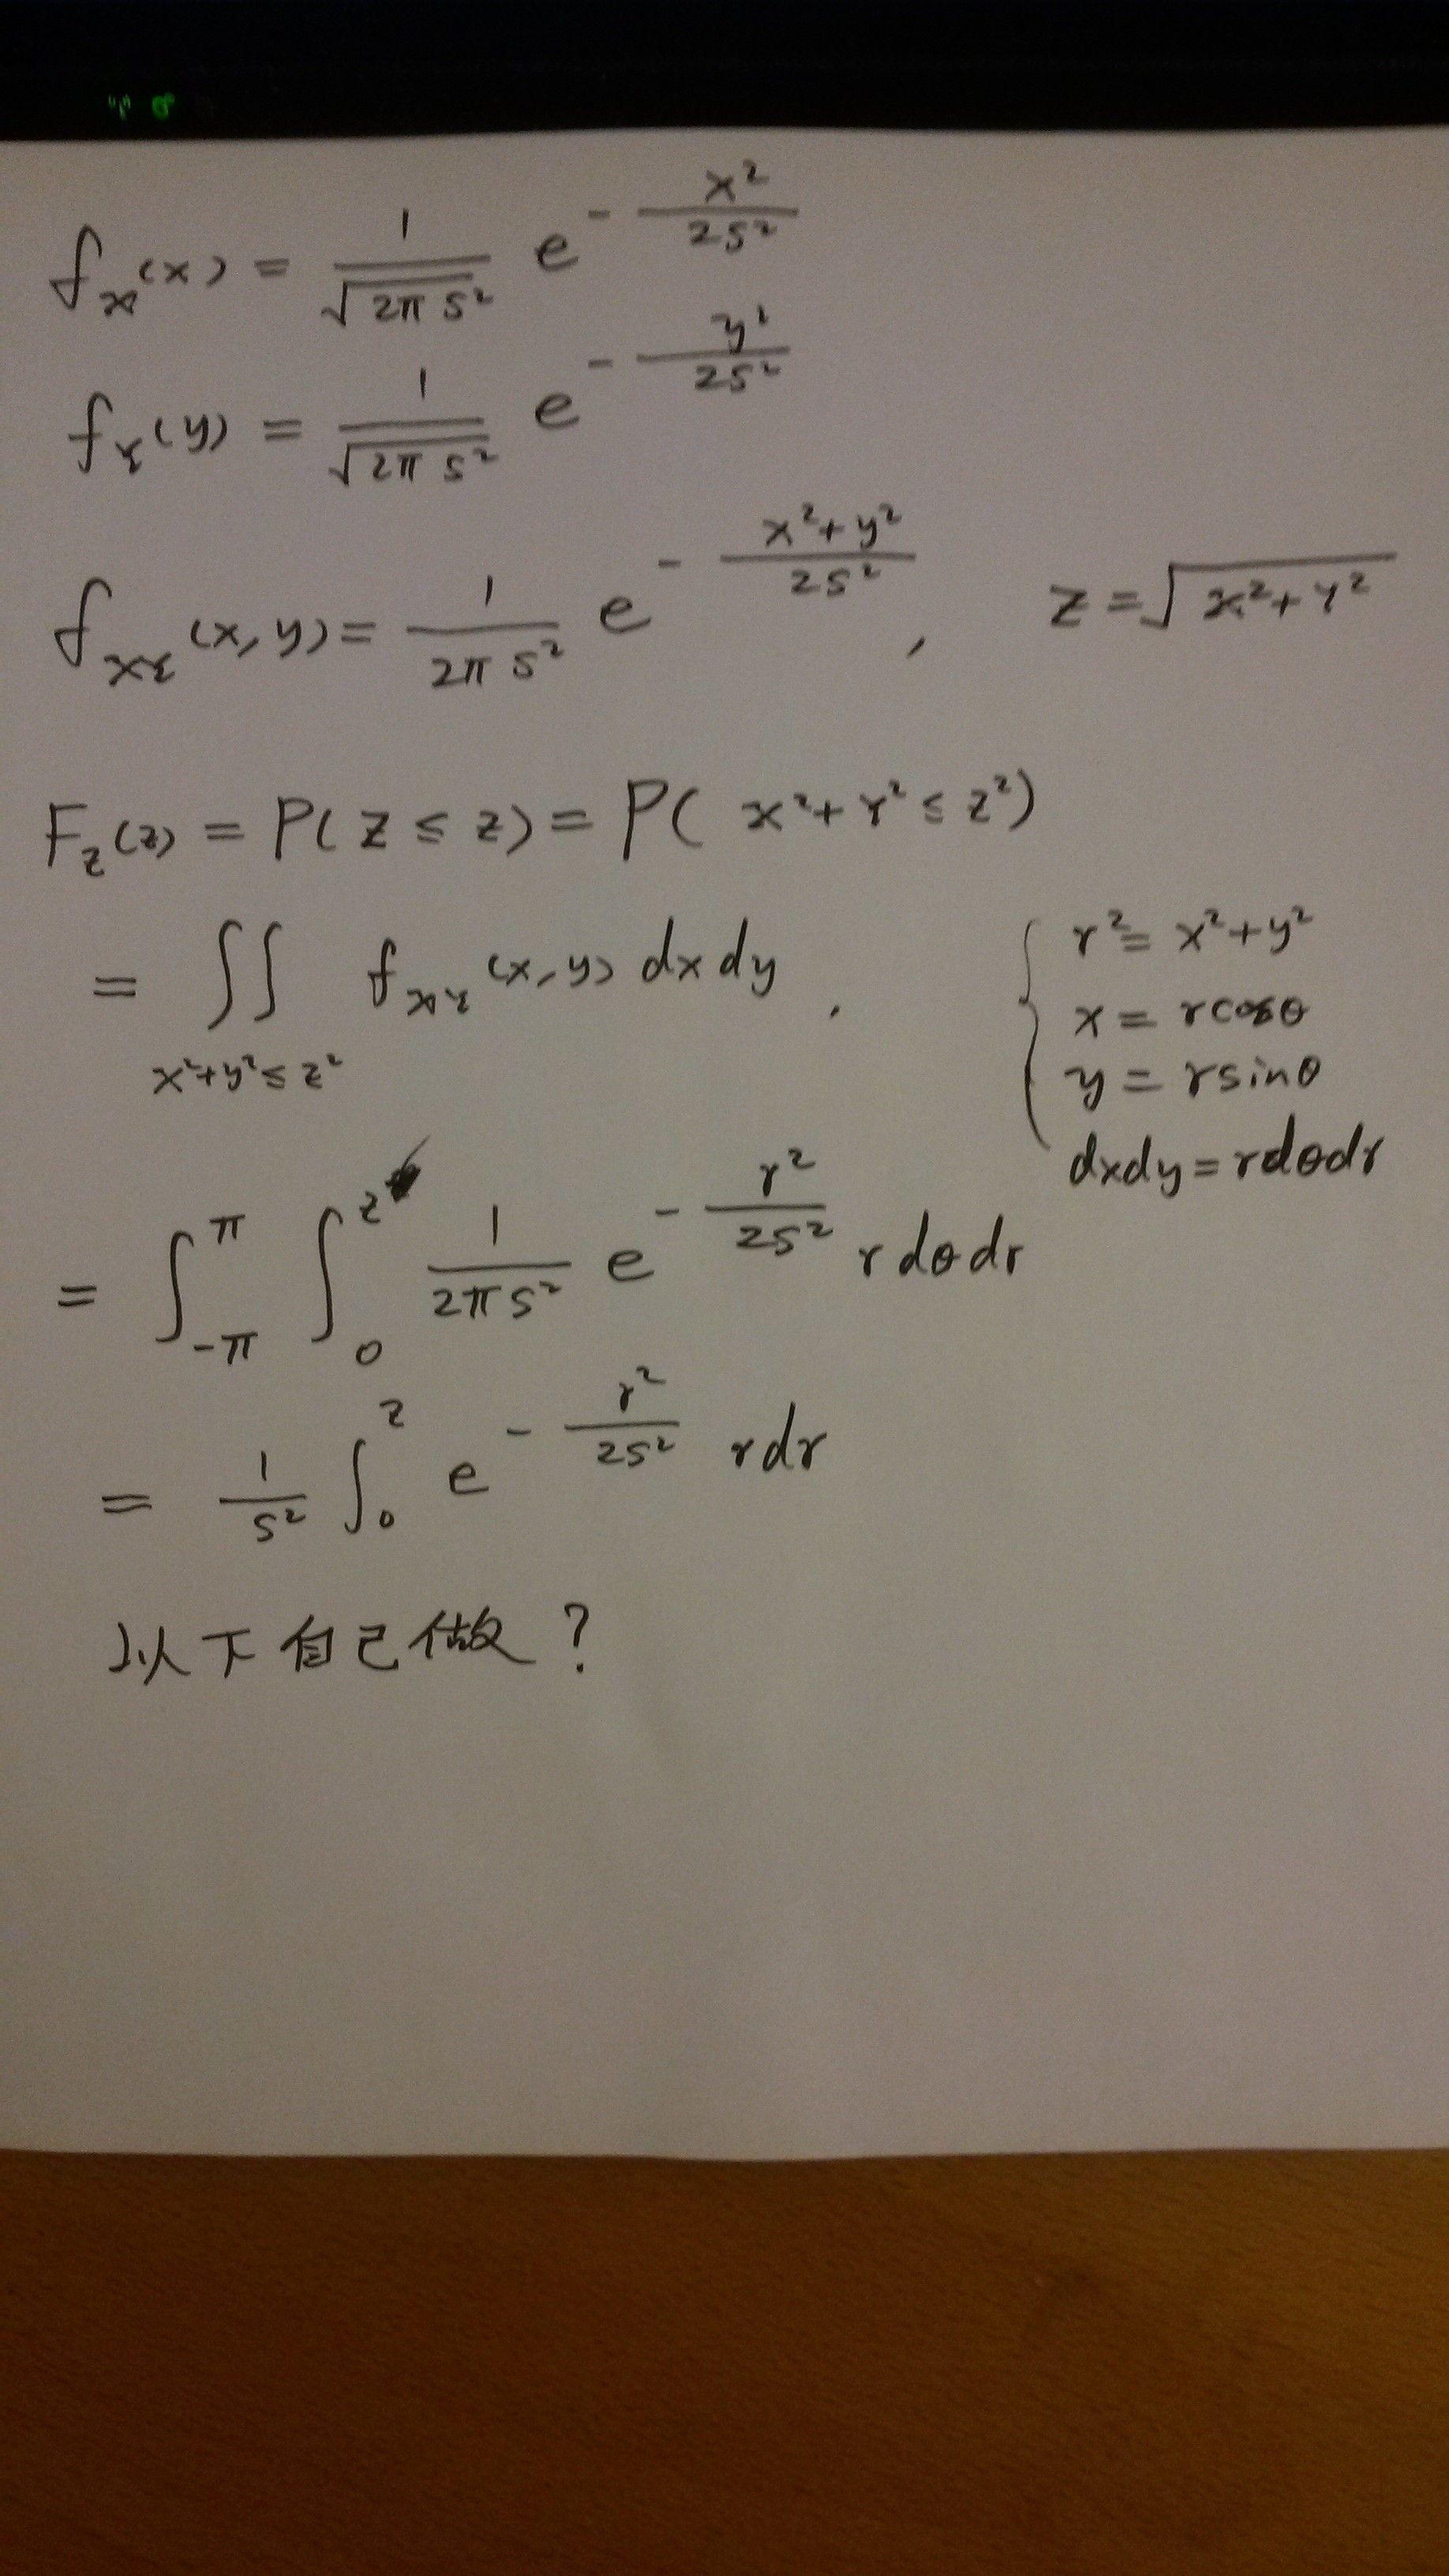 两个独立的x的正态分布